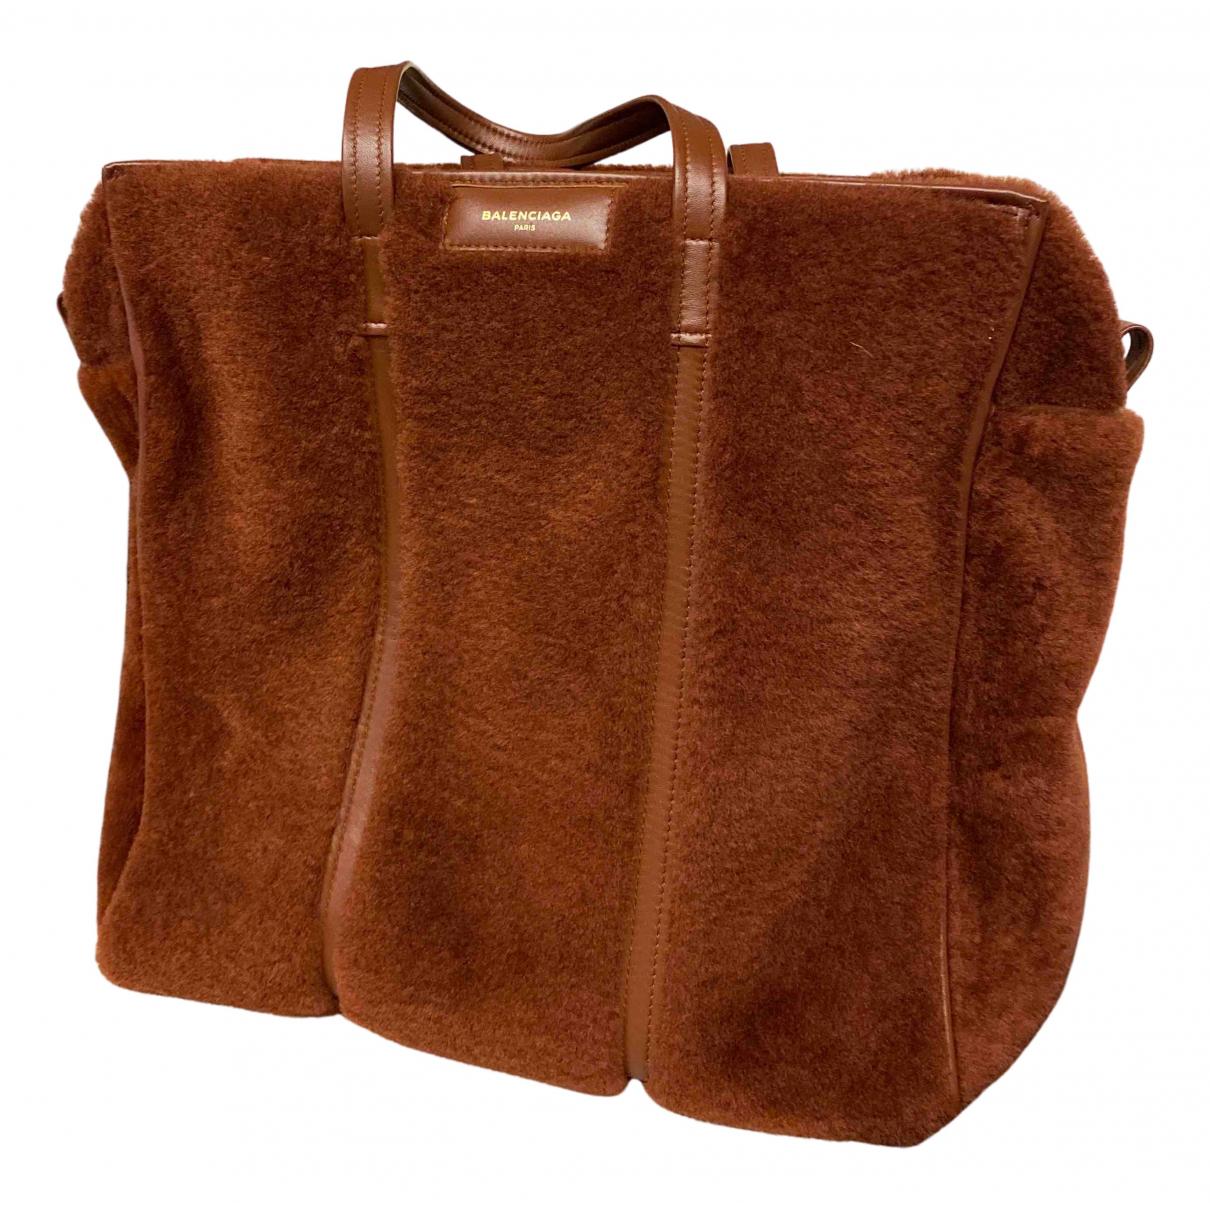 Balenciaga - Sac a main Cable pour femme en mouton - marron